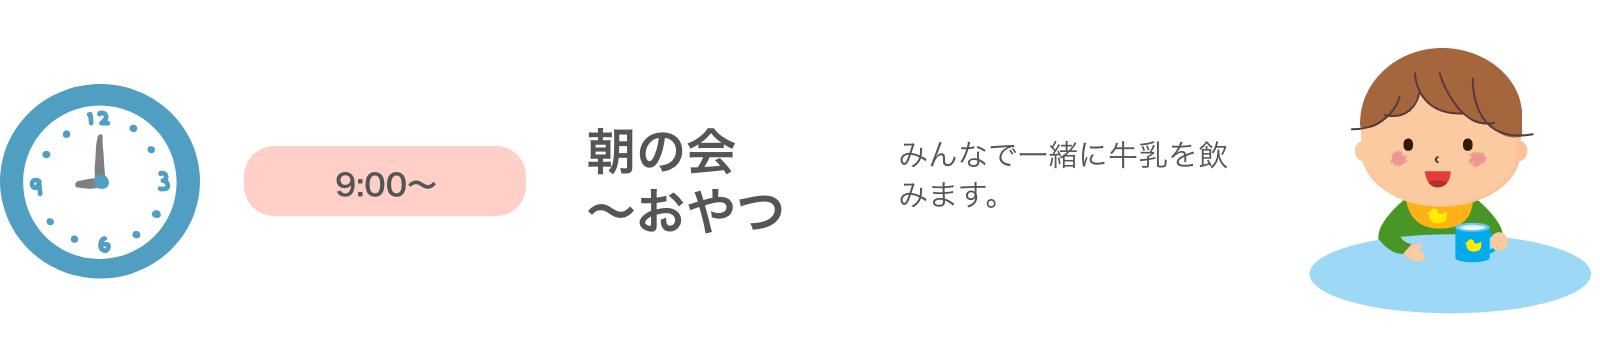 9:00〜 朝の会 〜おやつ